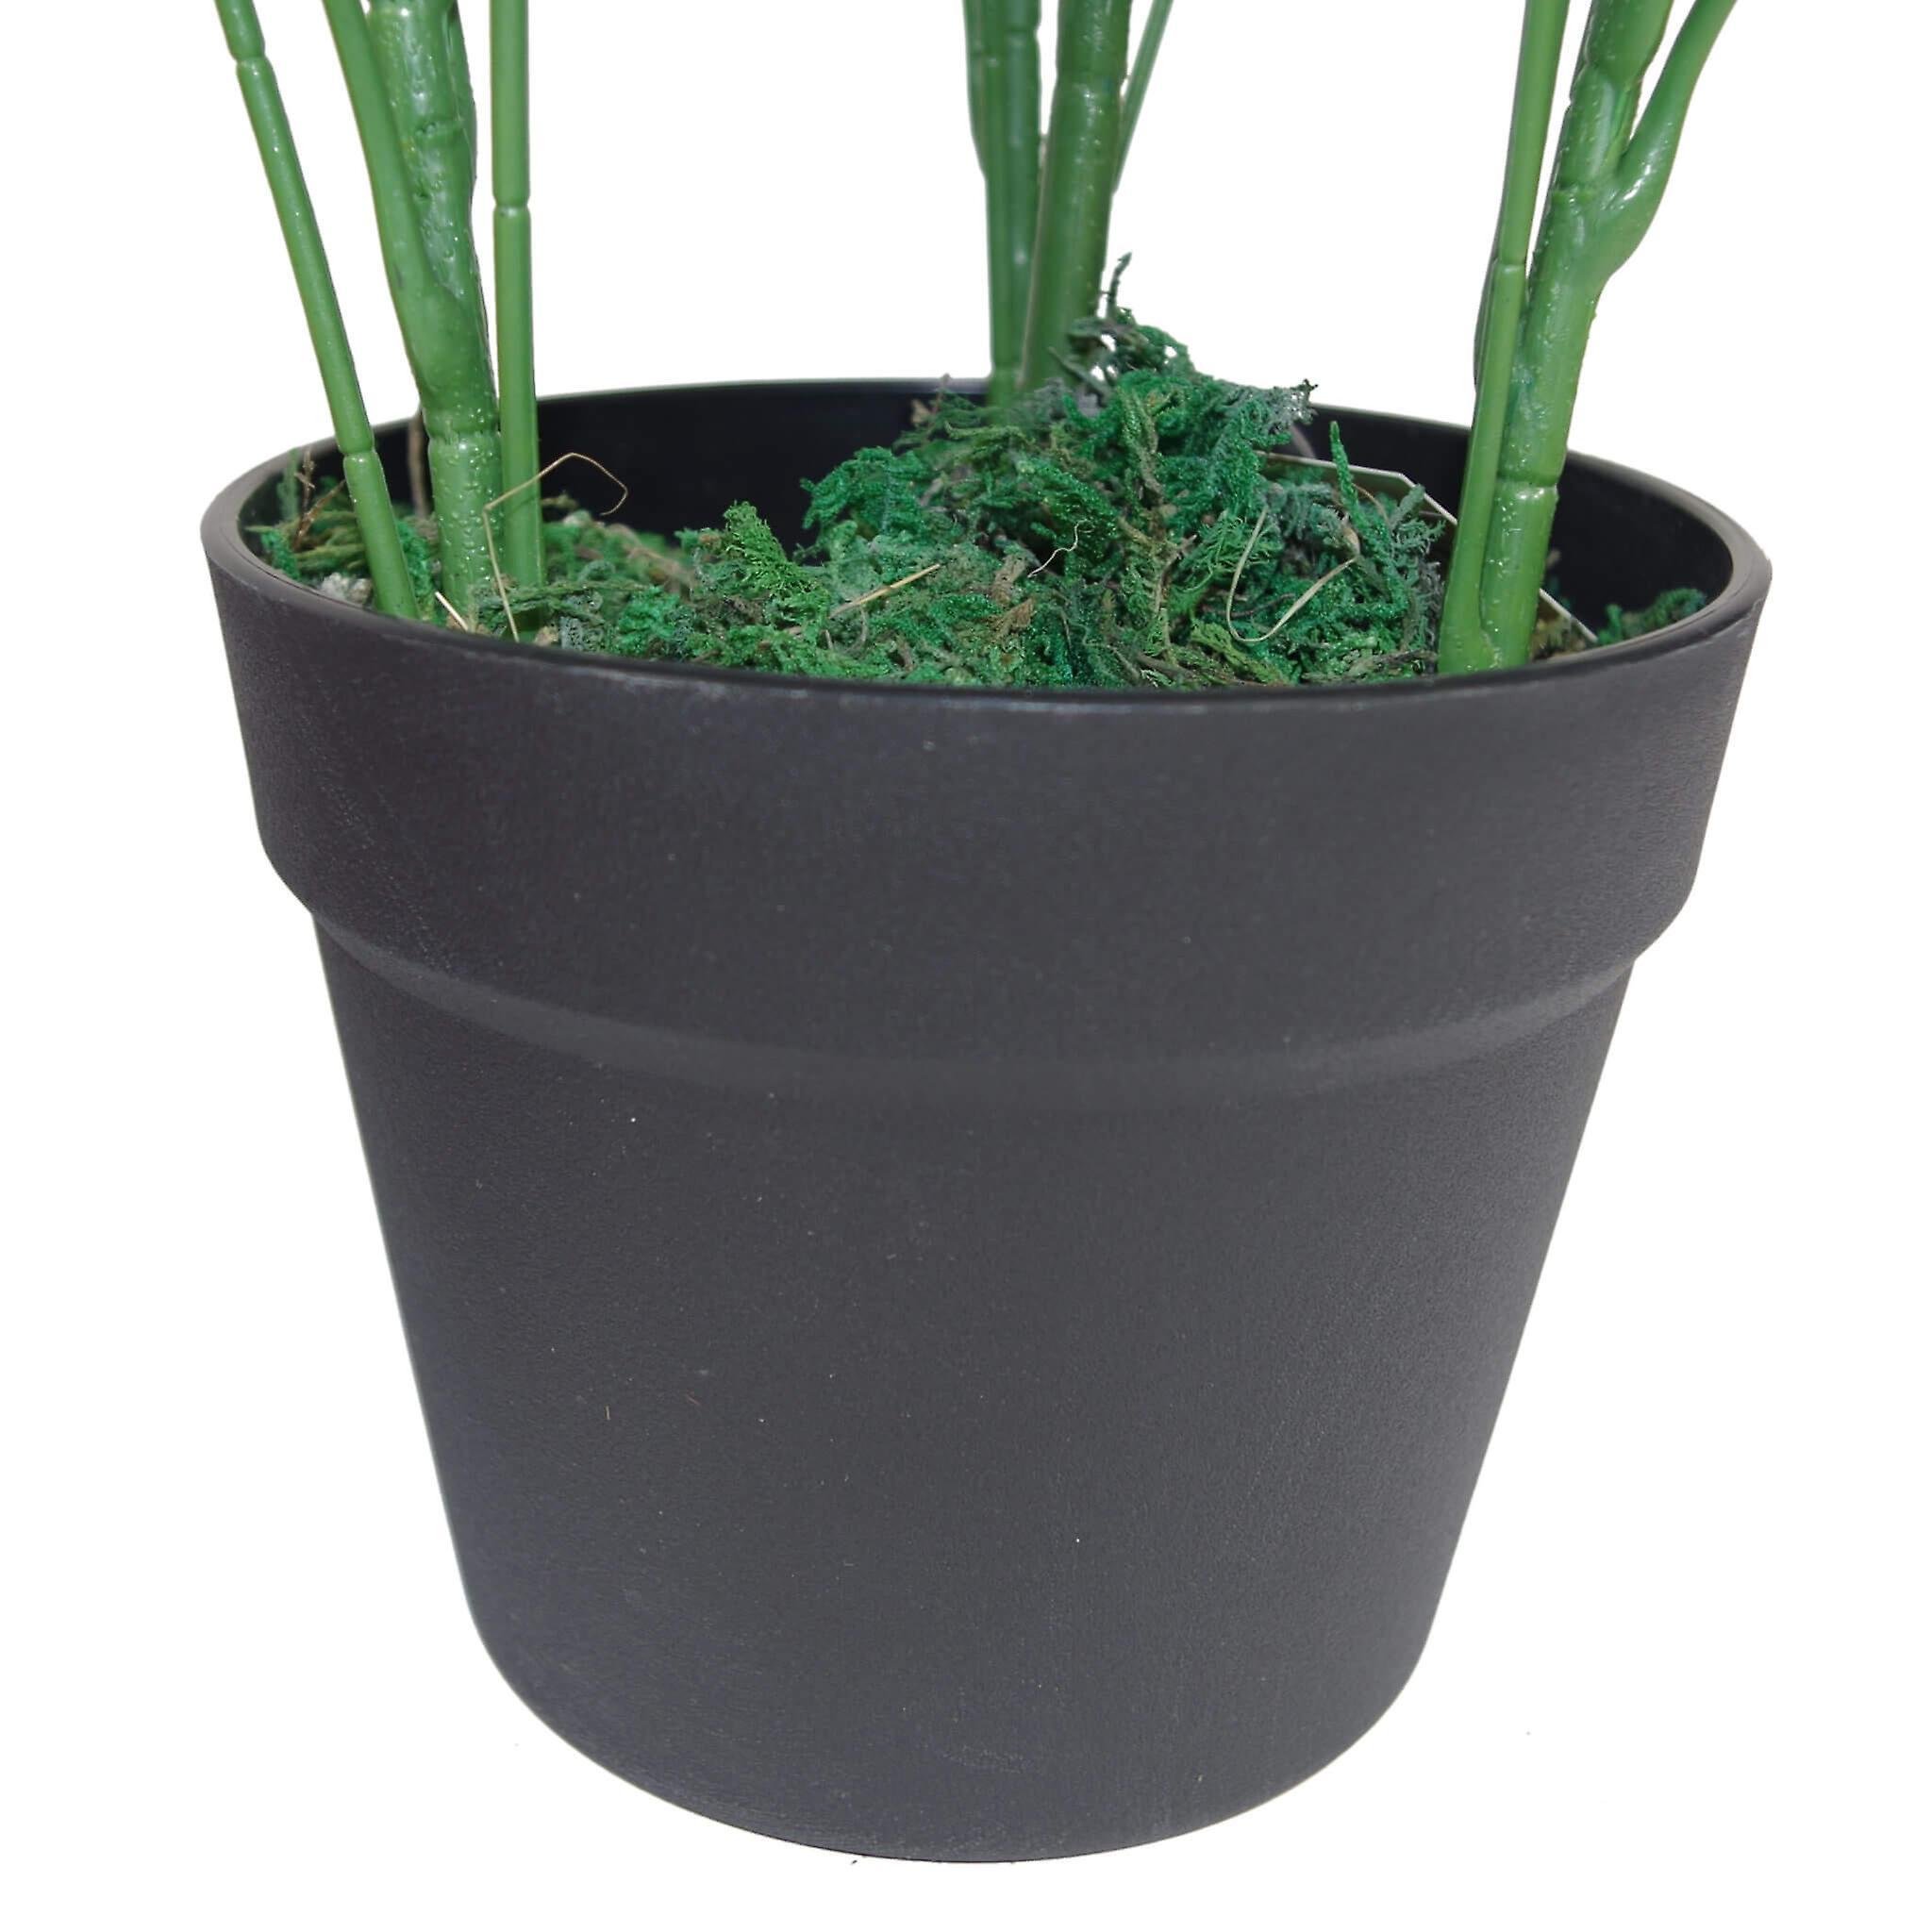 55cm Dark Green Artificial Schefflera Arboricola Plant